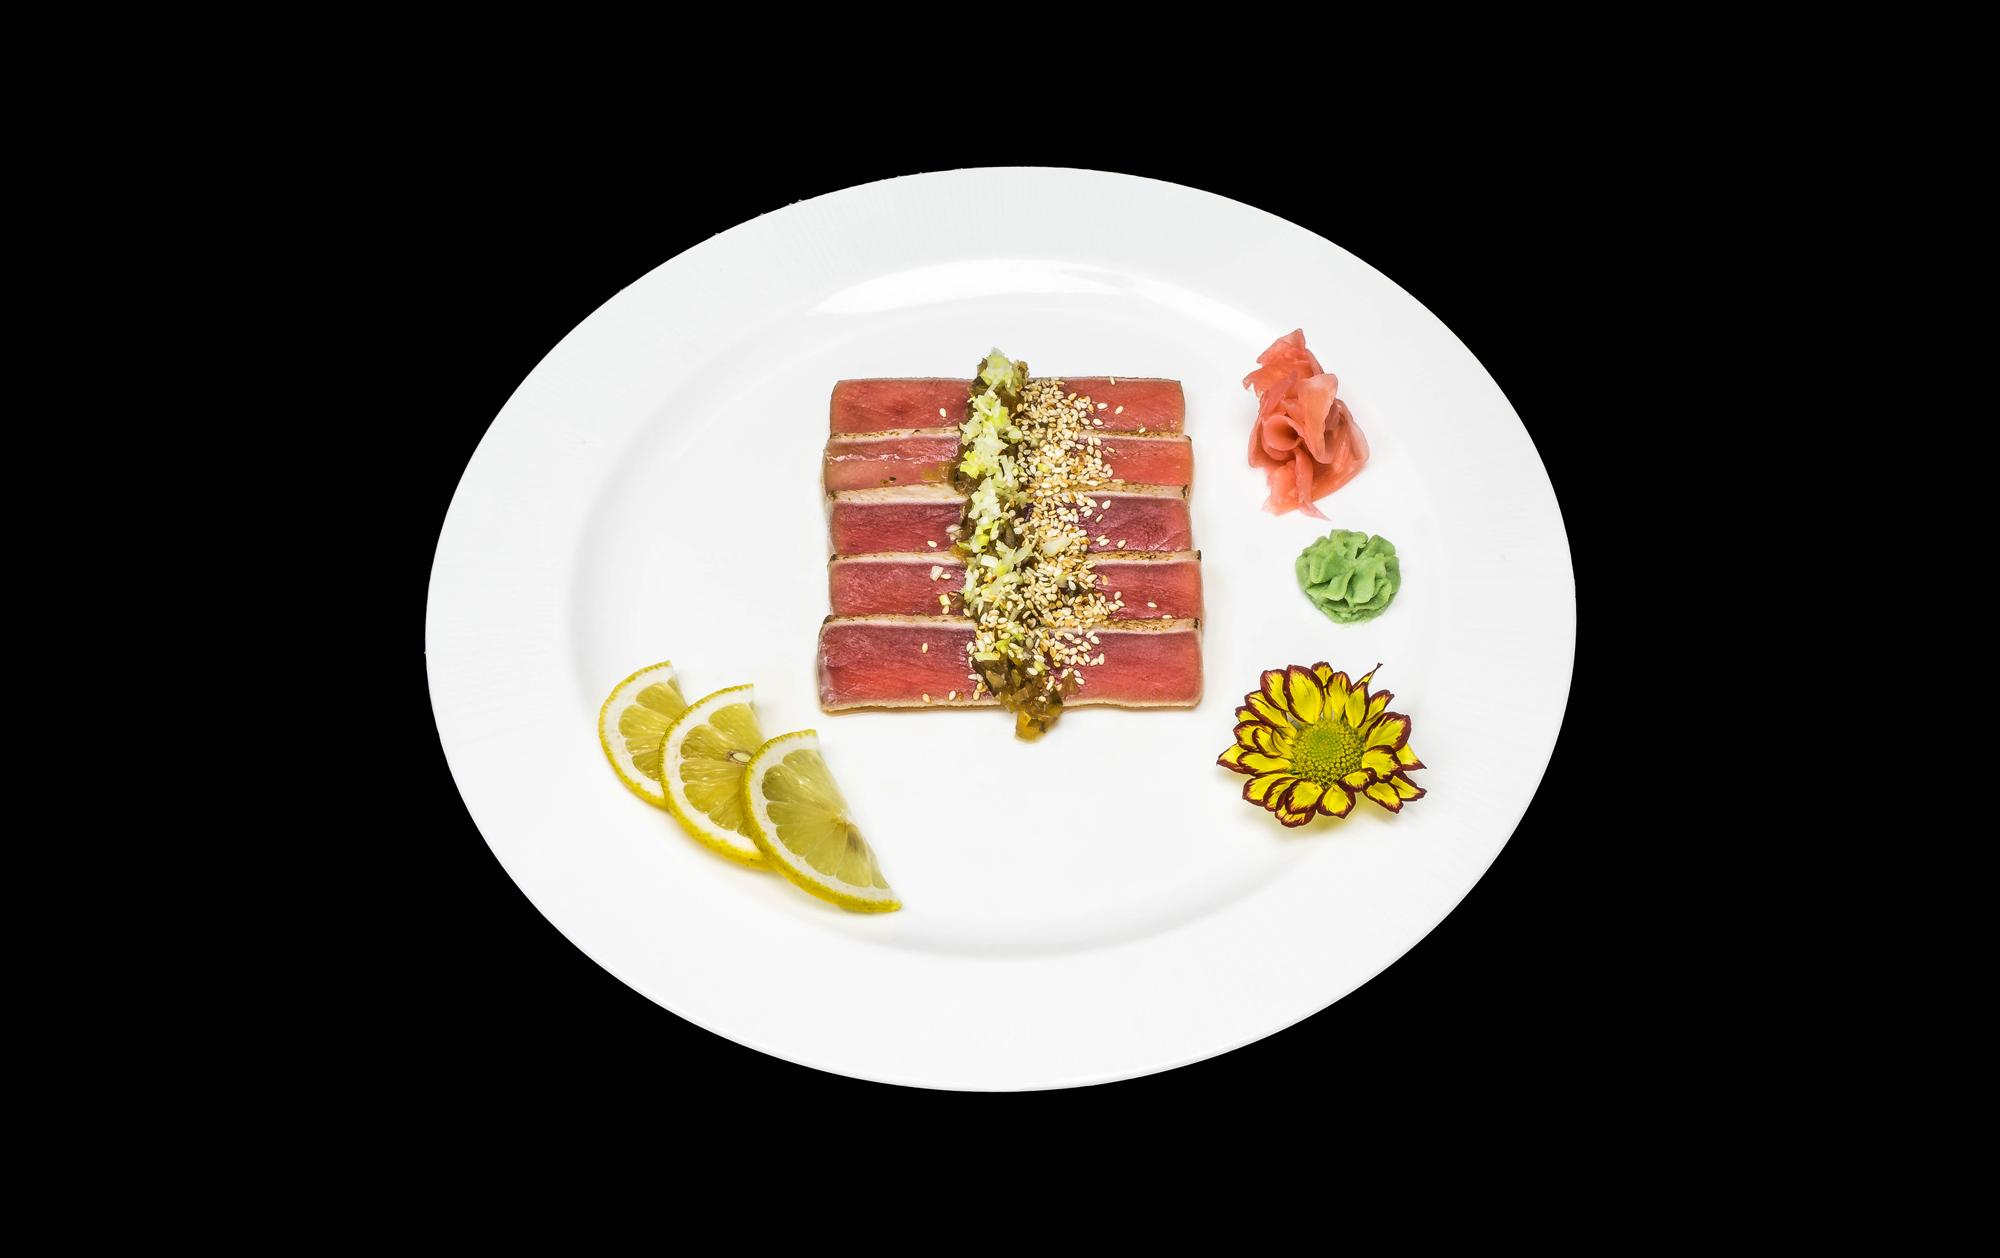 maguro tataki - 25 zł plastry opiekanego tuńczyka